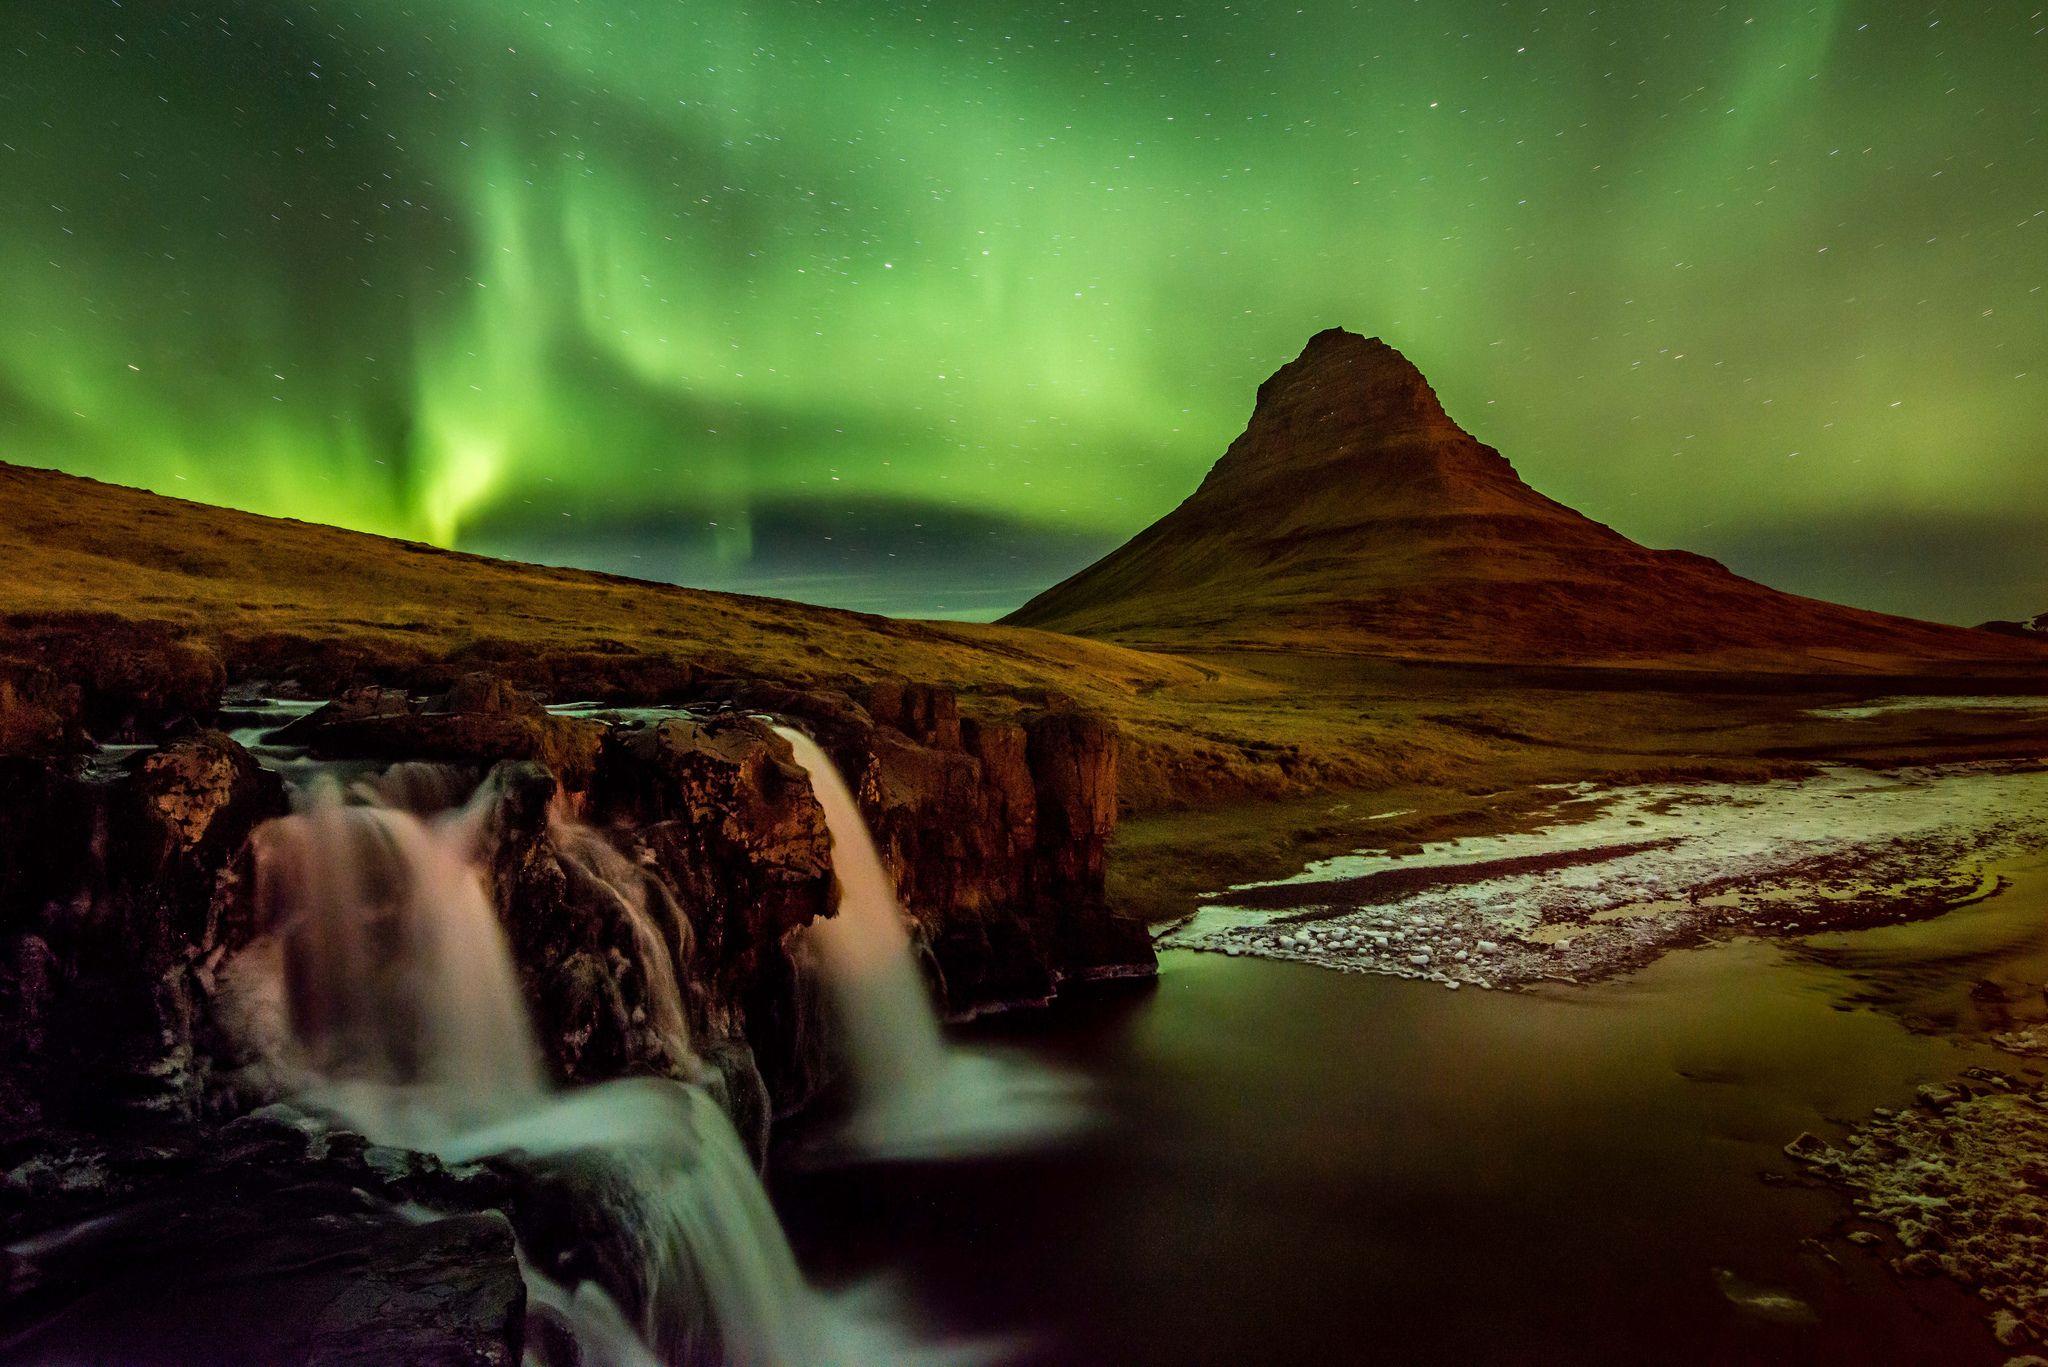 Terrenature Aurore Boréale Fond Décran Aurora Iceland